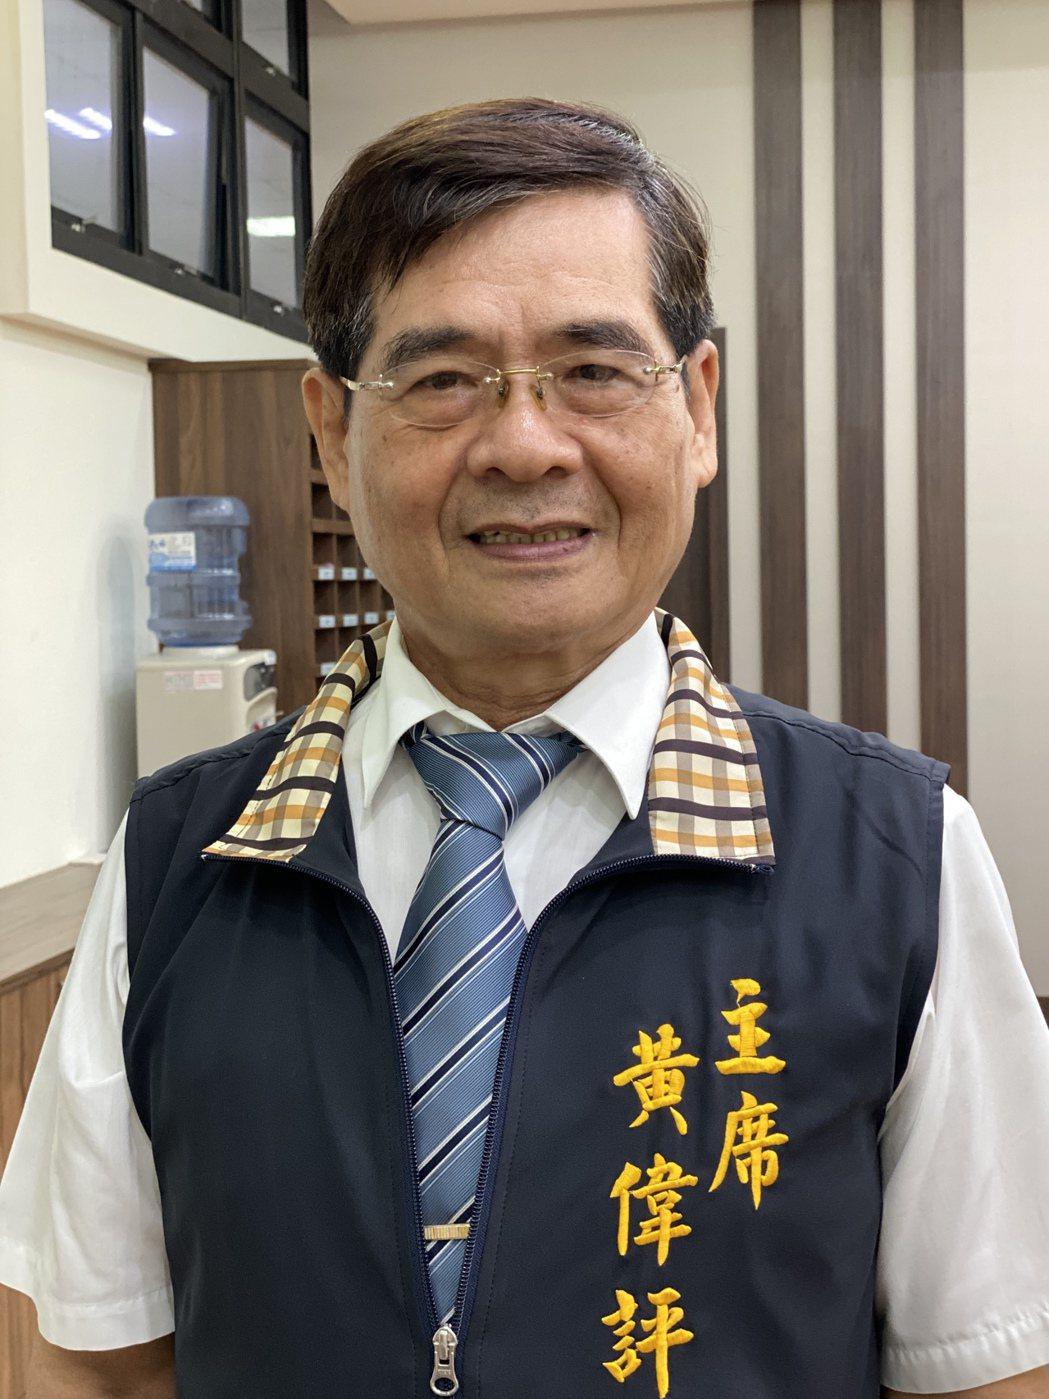 萬丹鄉調解委員會主席黃偉評(65歲),從43歲擔任調解委員至今已22年,調解近萬...